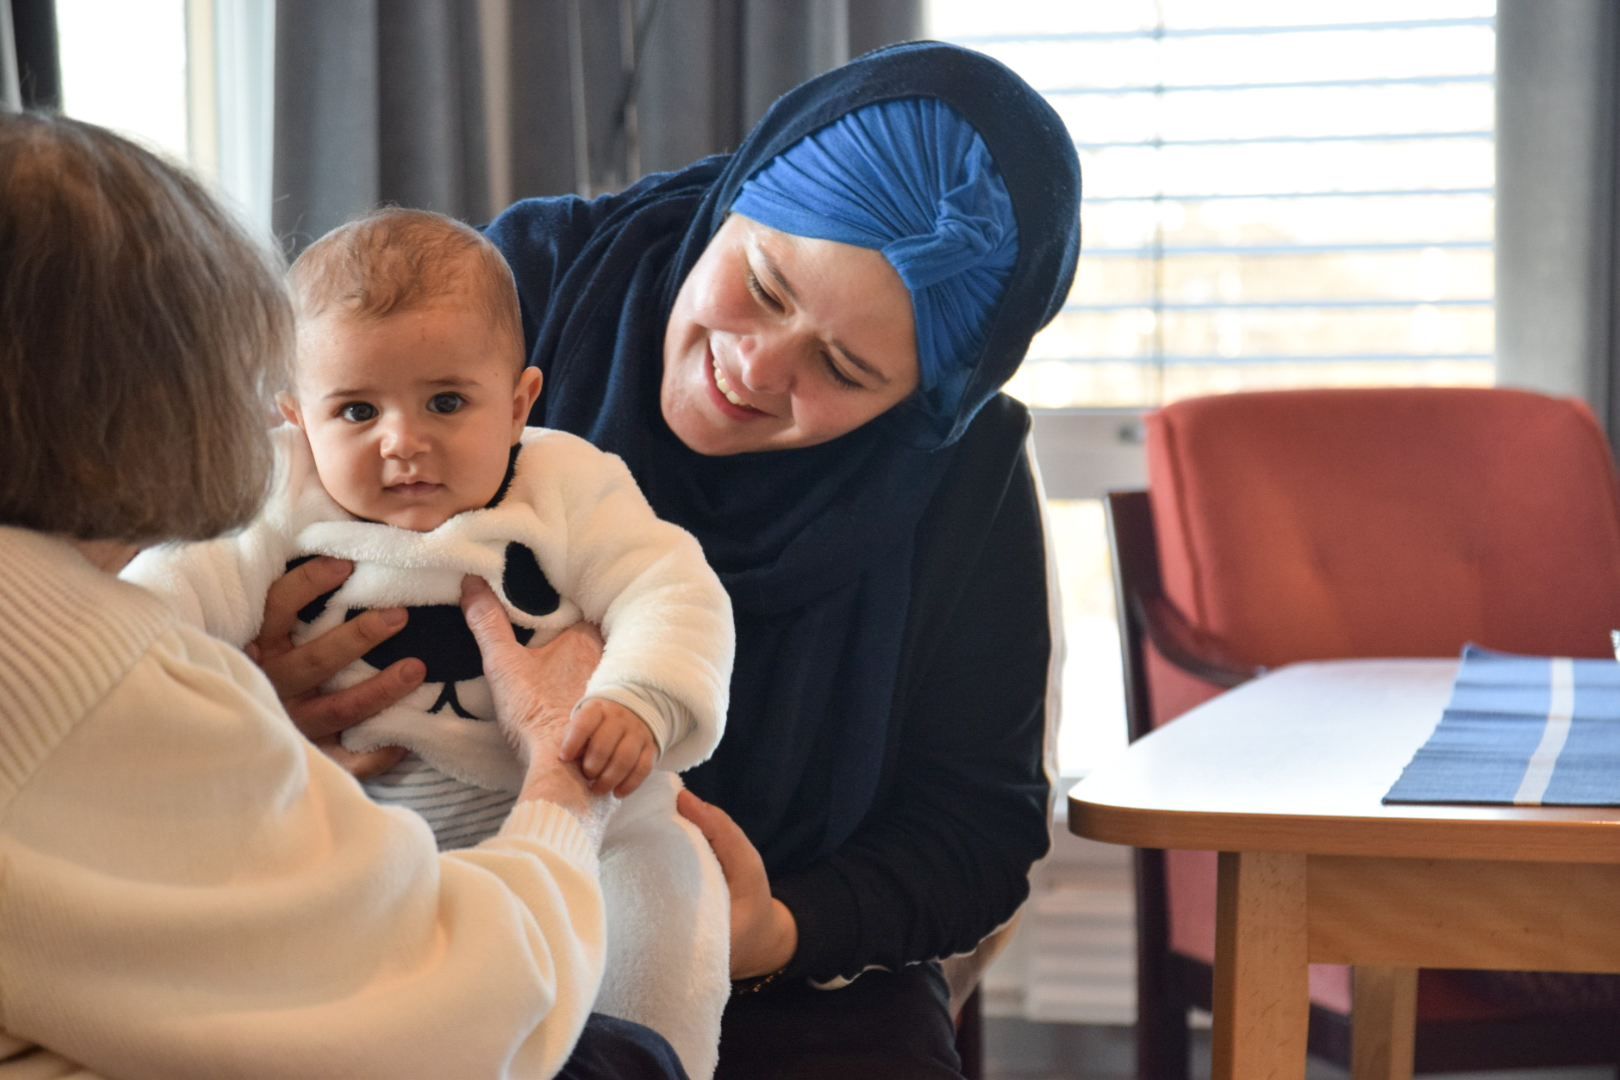 Dame overrekker baby til eldre kvinne på sykehjem